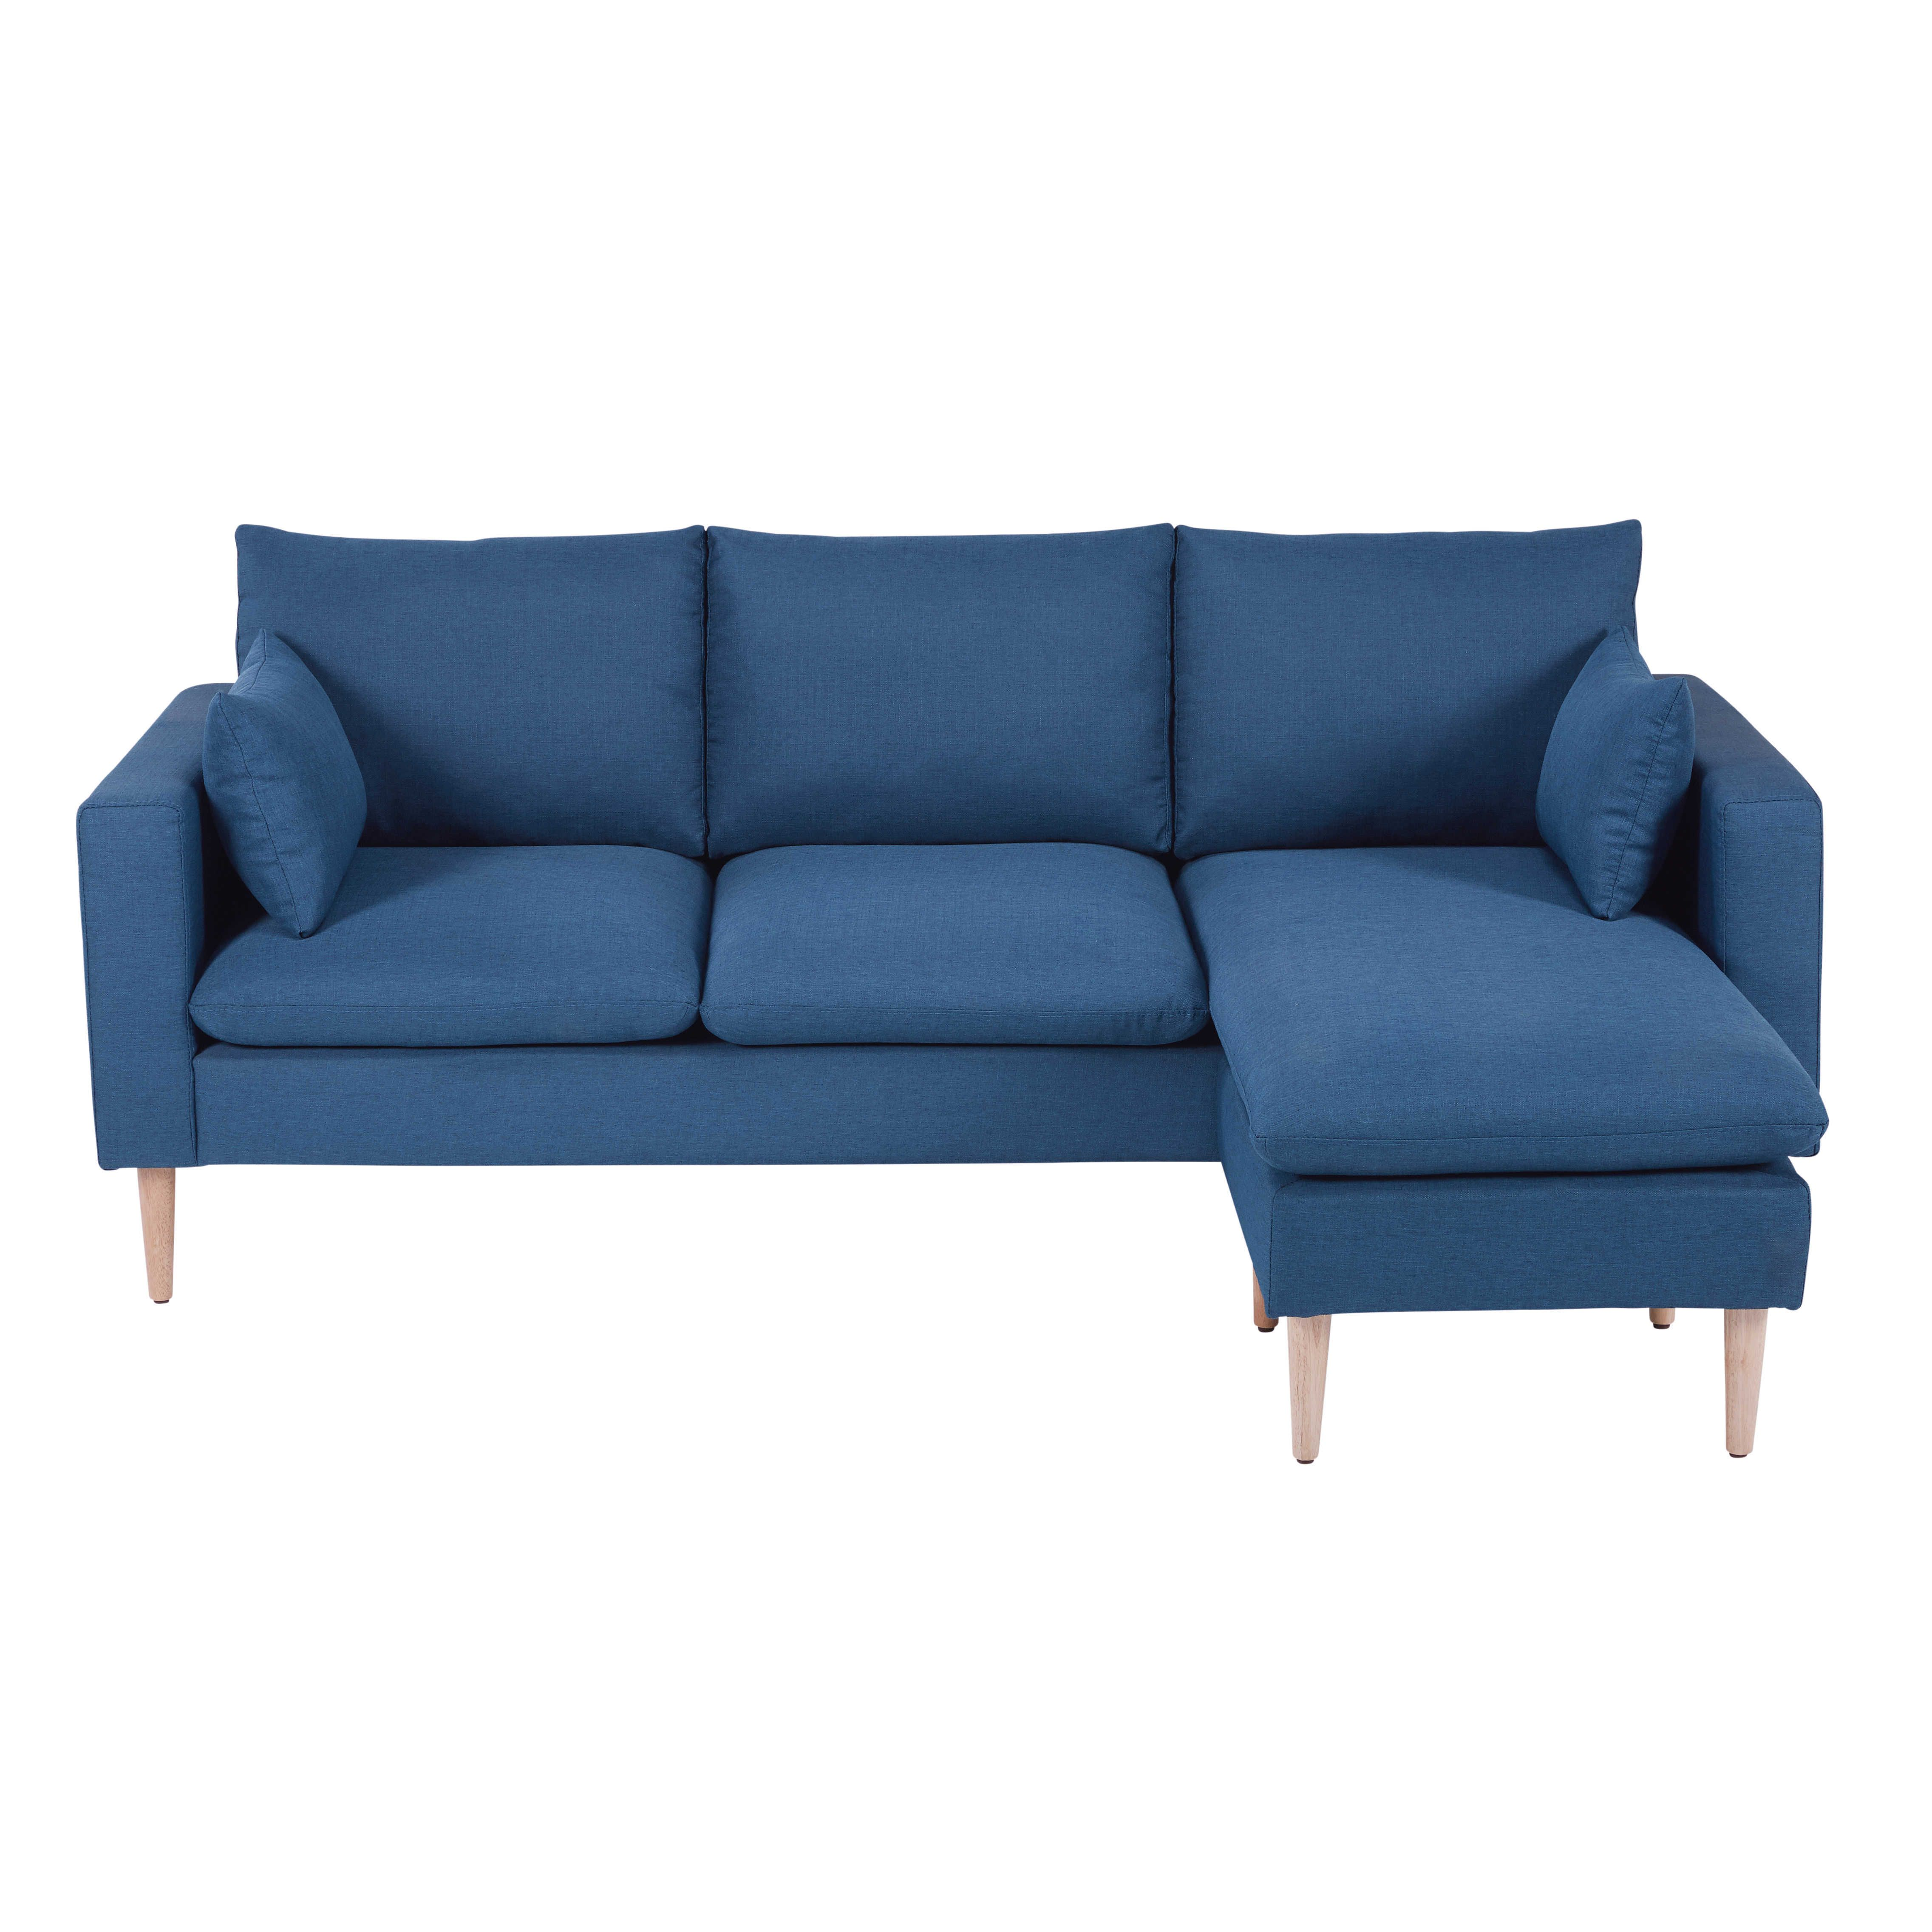 Divani Tre Posti Ad Angolo.Divano Ad Angolo 3 4 Posti Blu In Tessuto Blue Corner Sofas